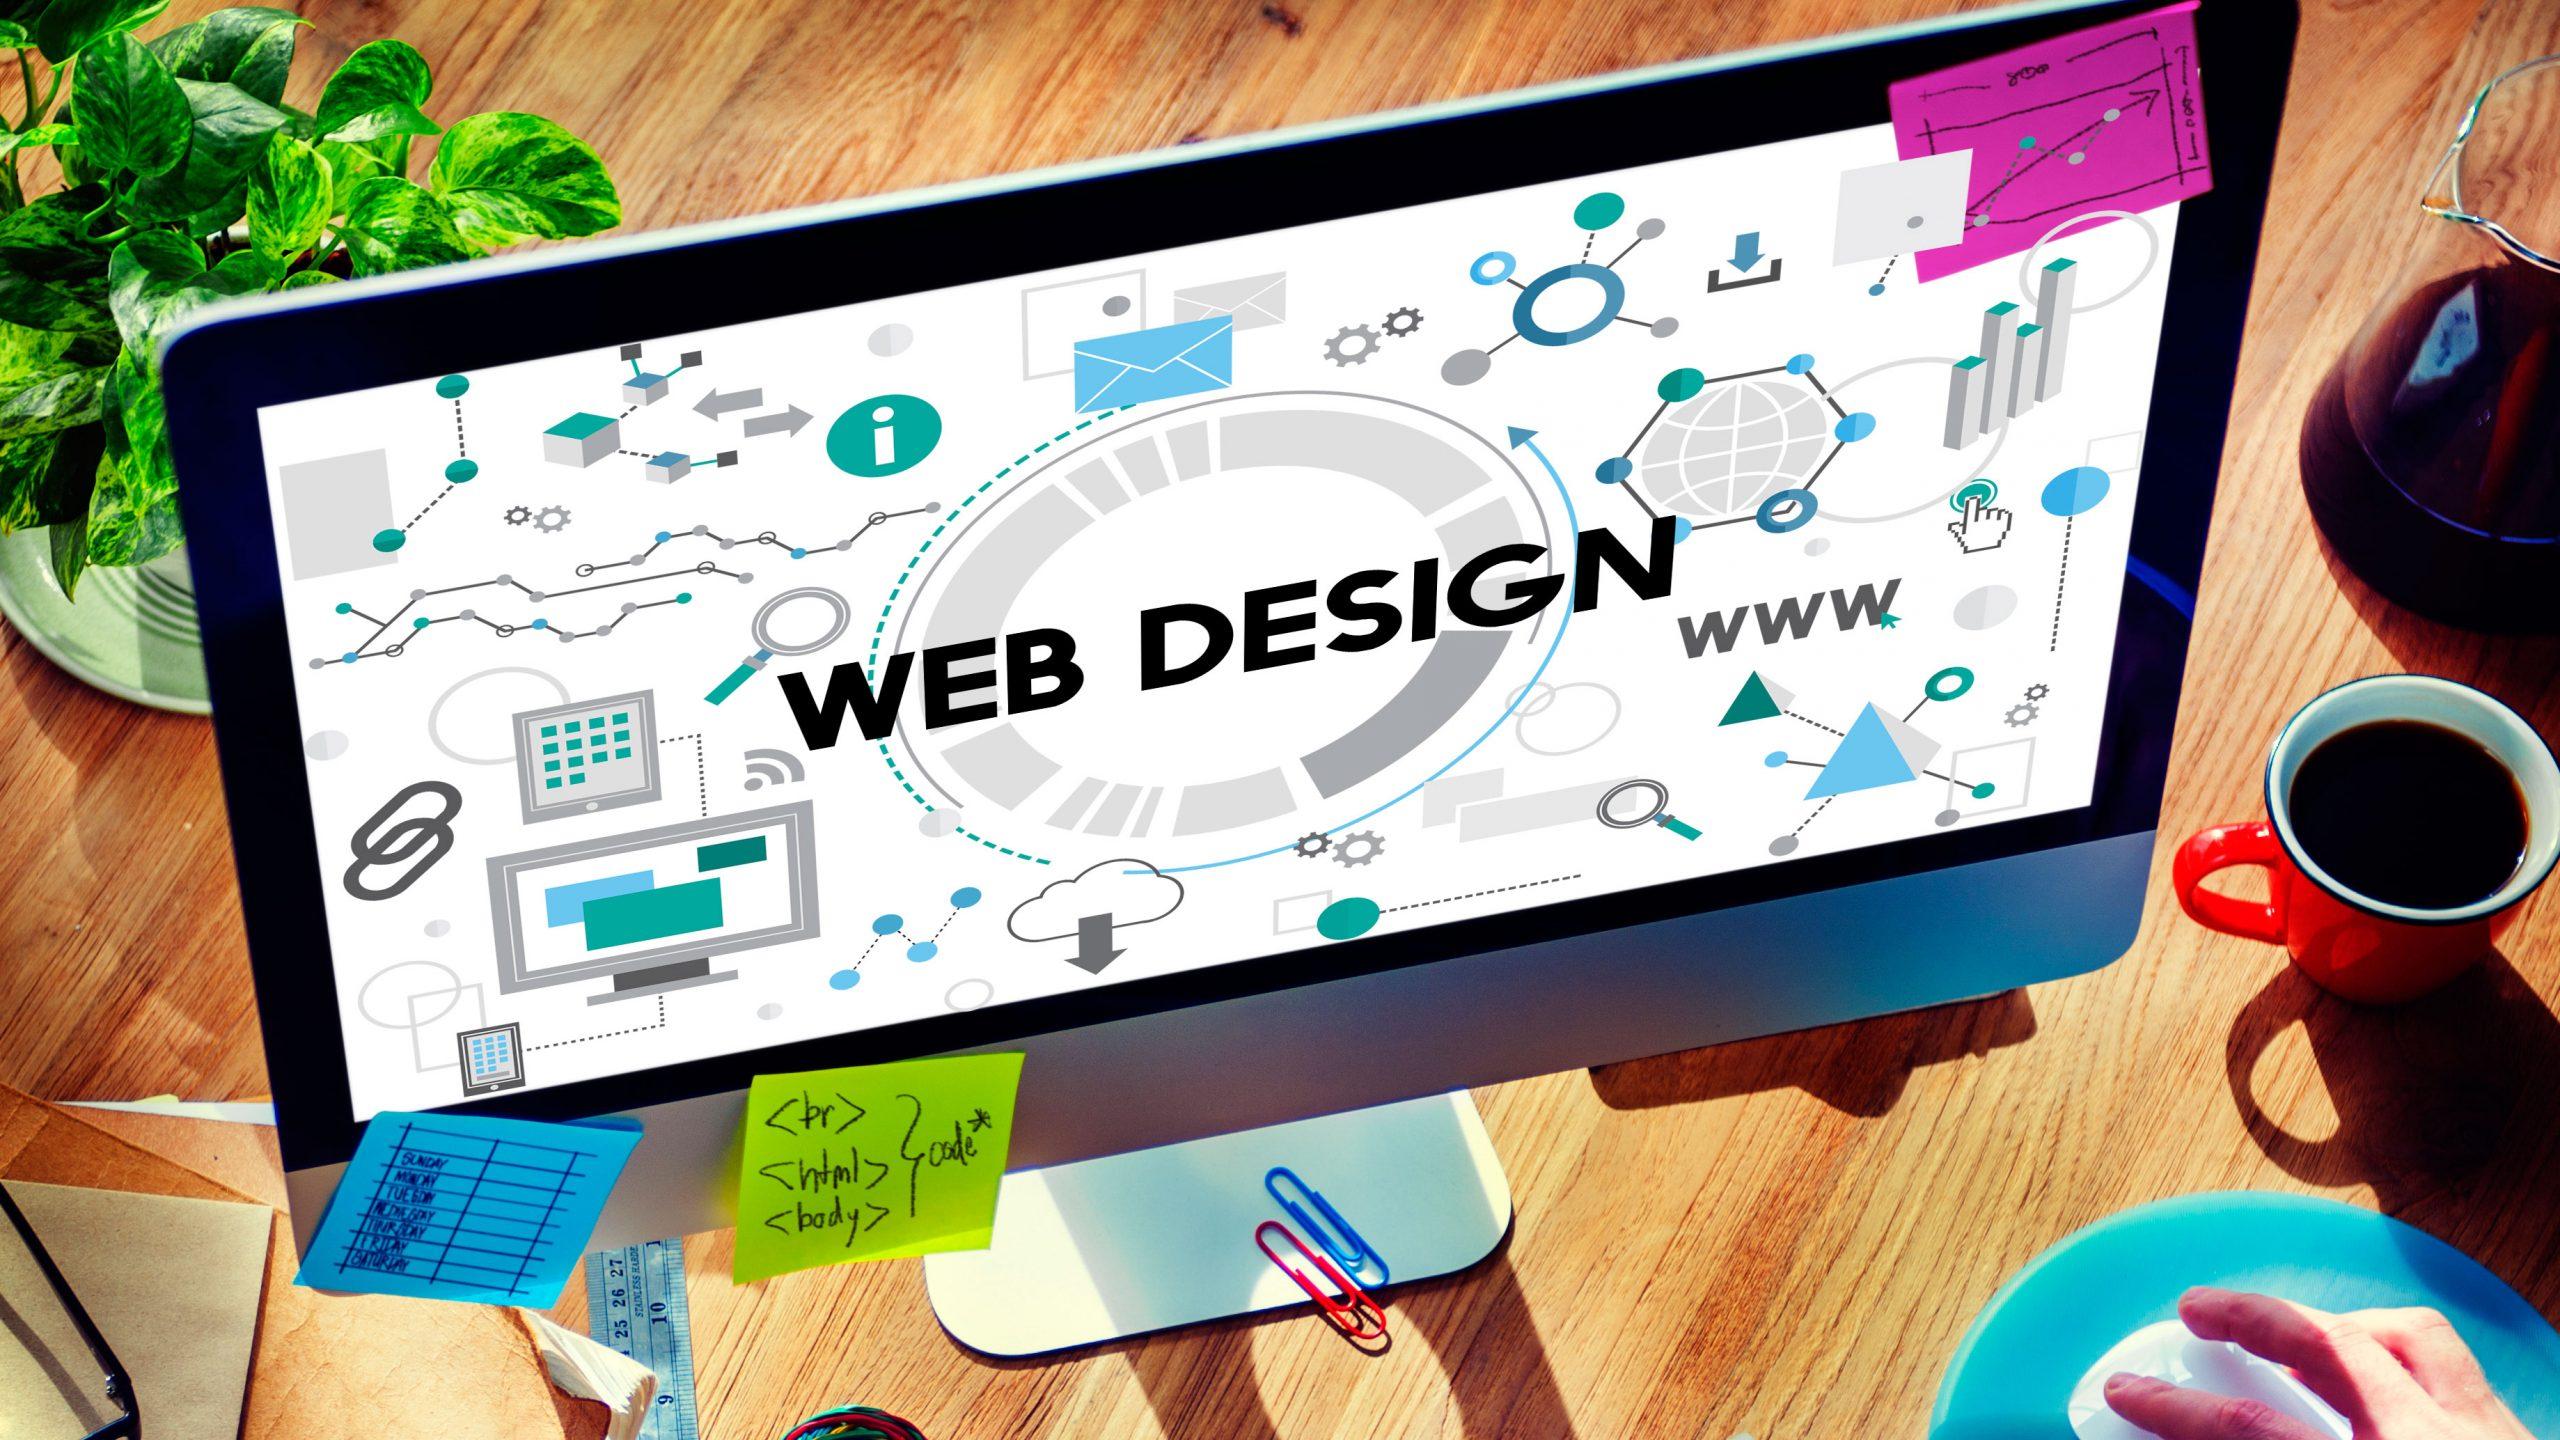 15 WAYS TO MAKE ATTRACTIVE WEBSITE DESIGN